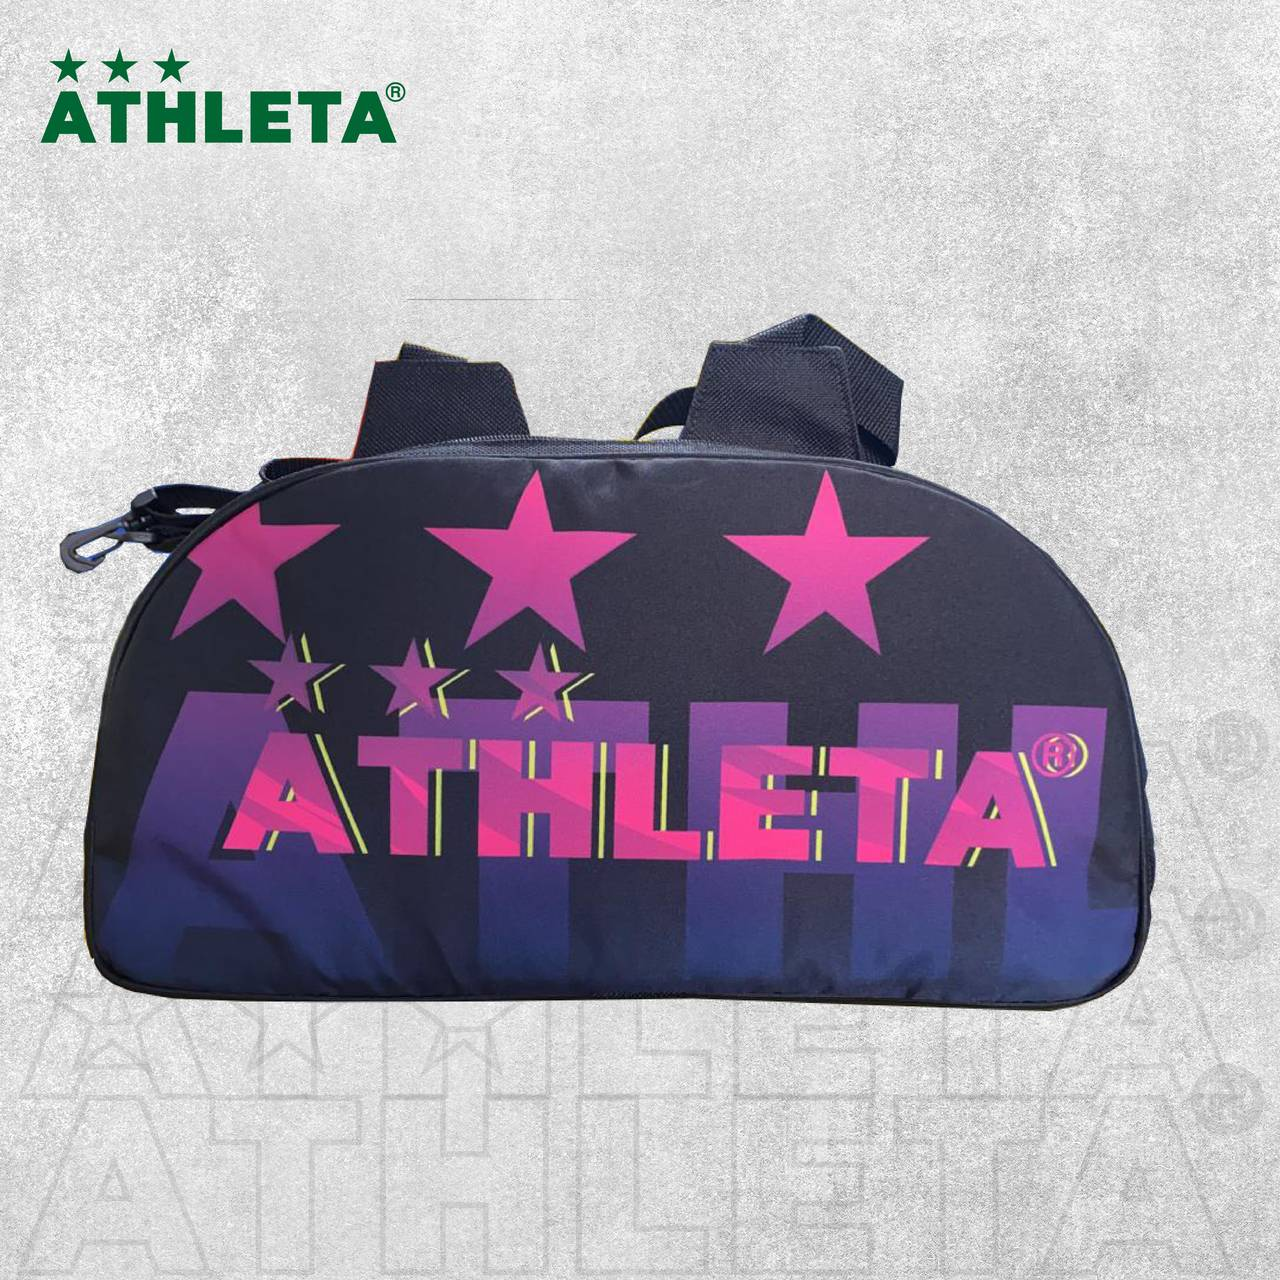 Bolsa Athleta 2021 - Preto com Rosa